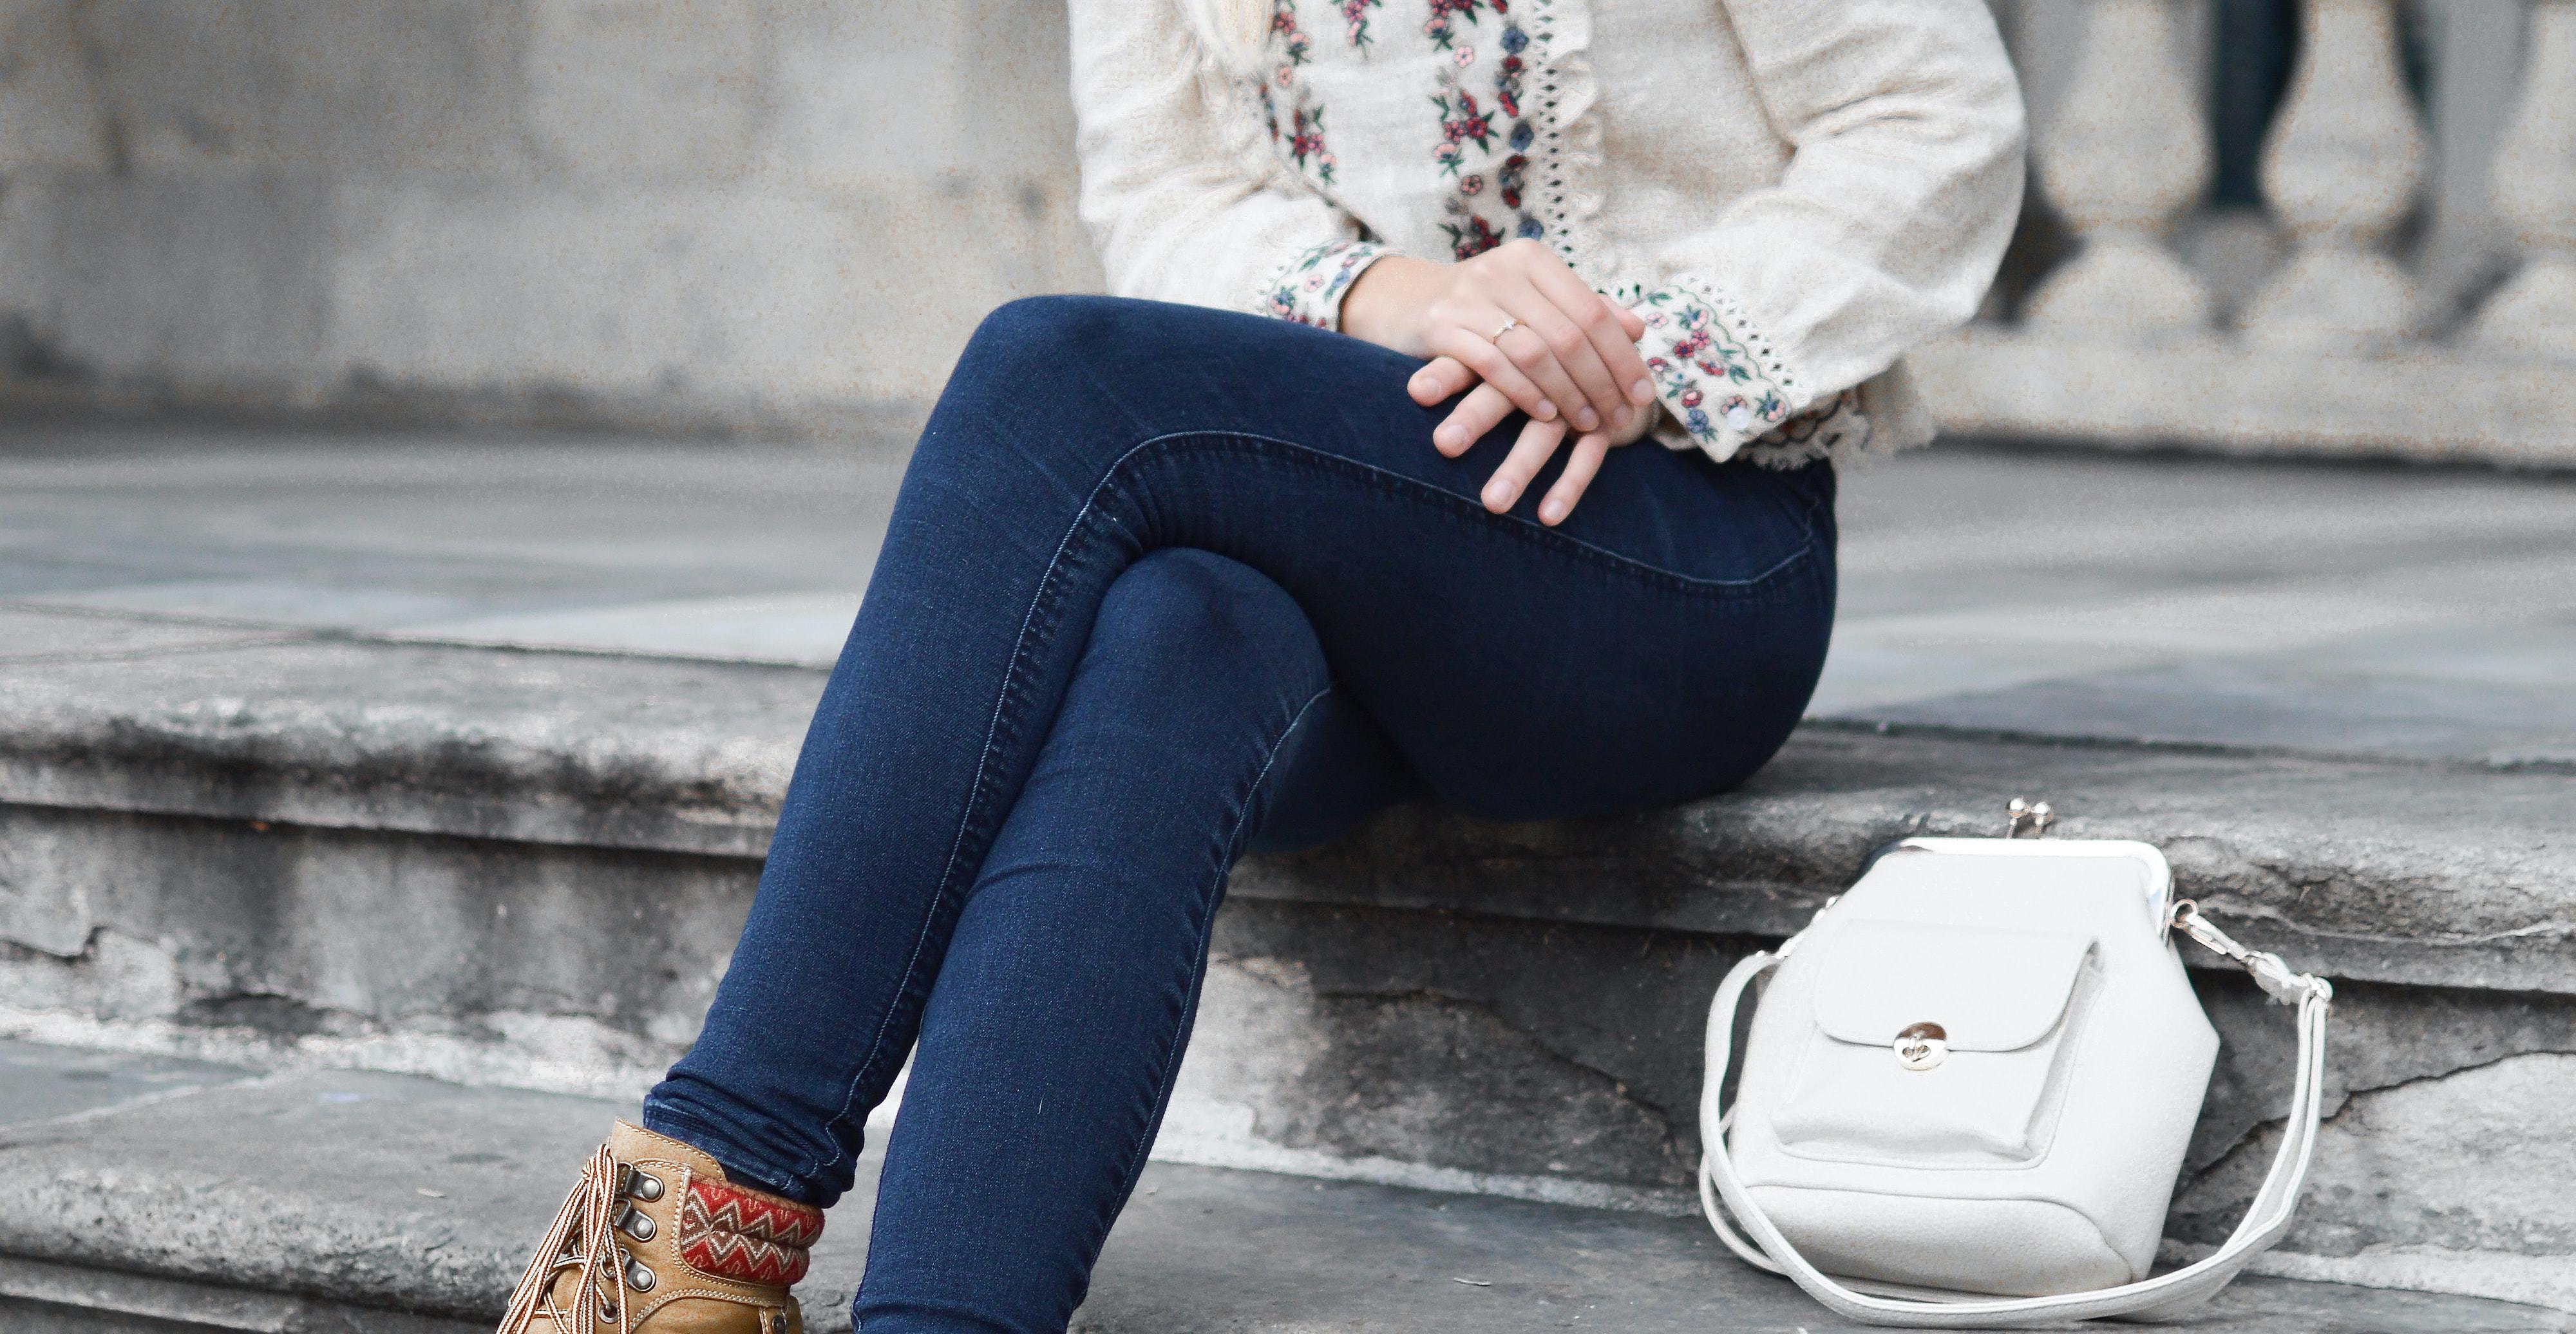 スキニーパンツを履いている女性